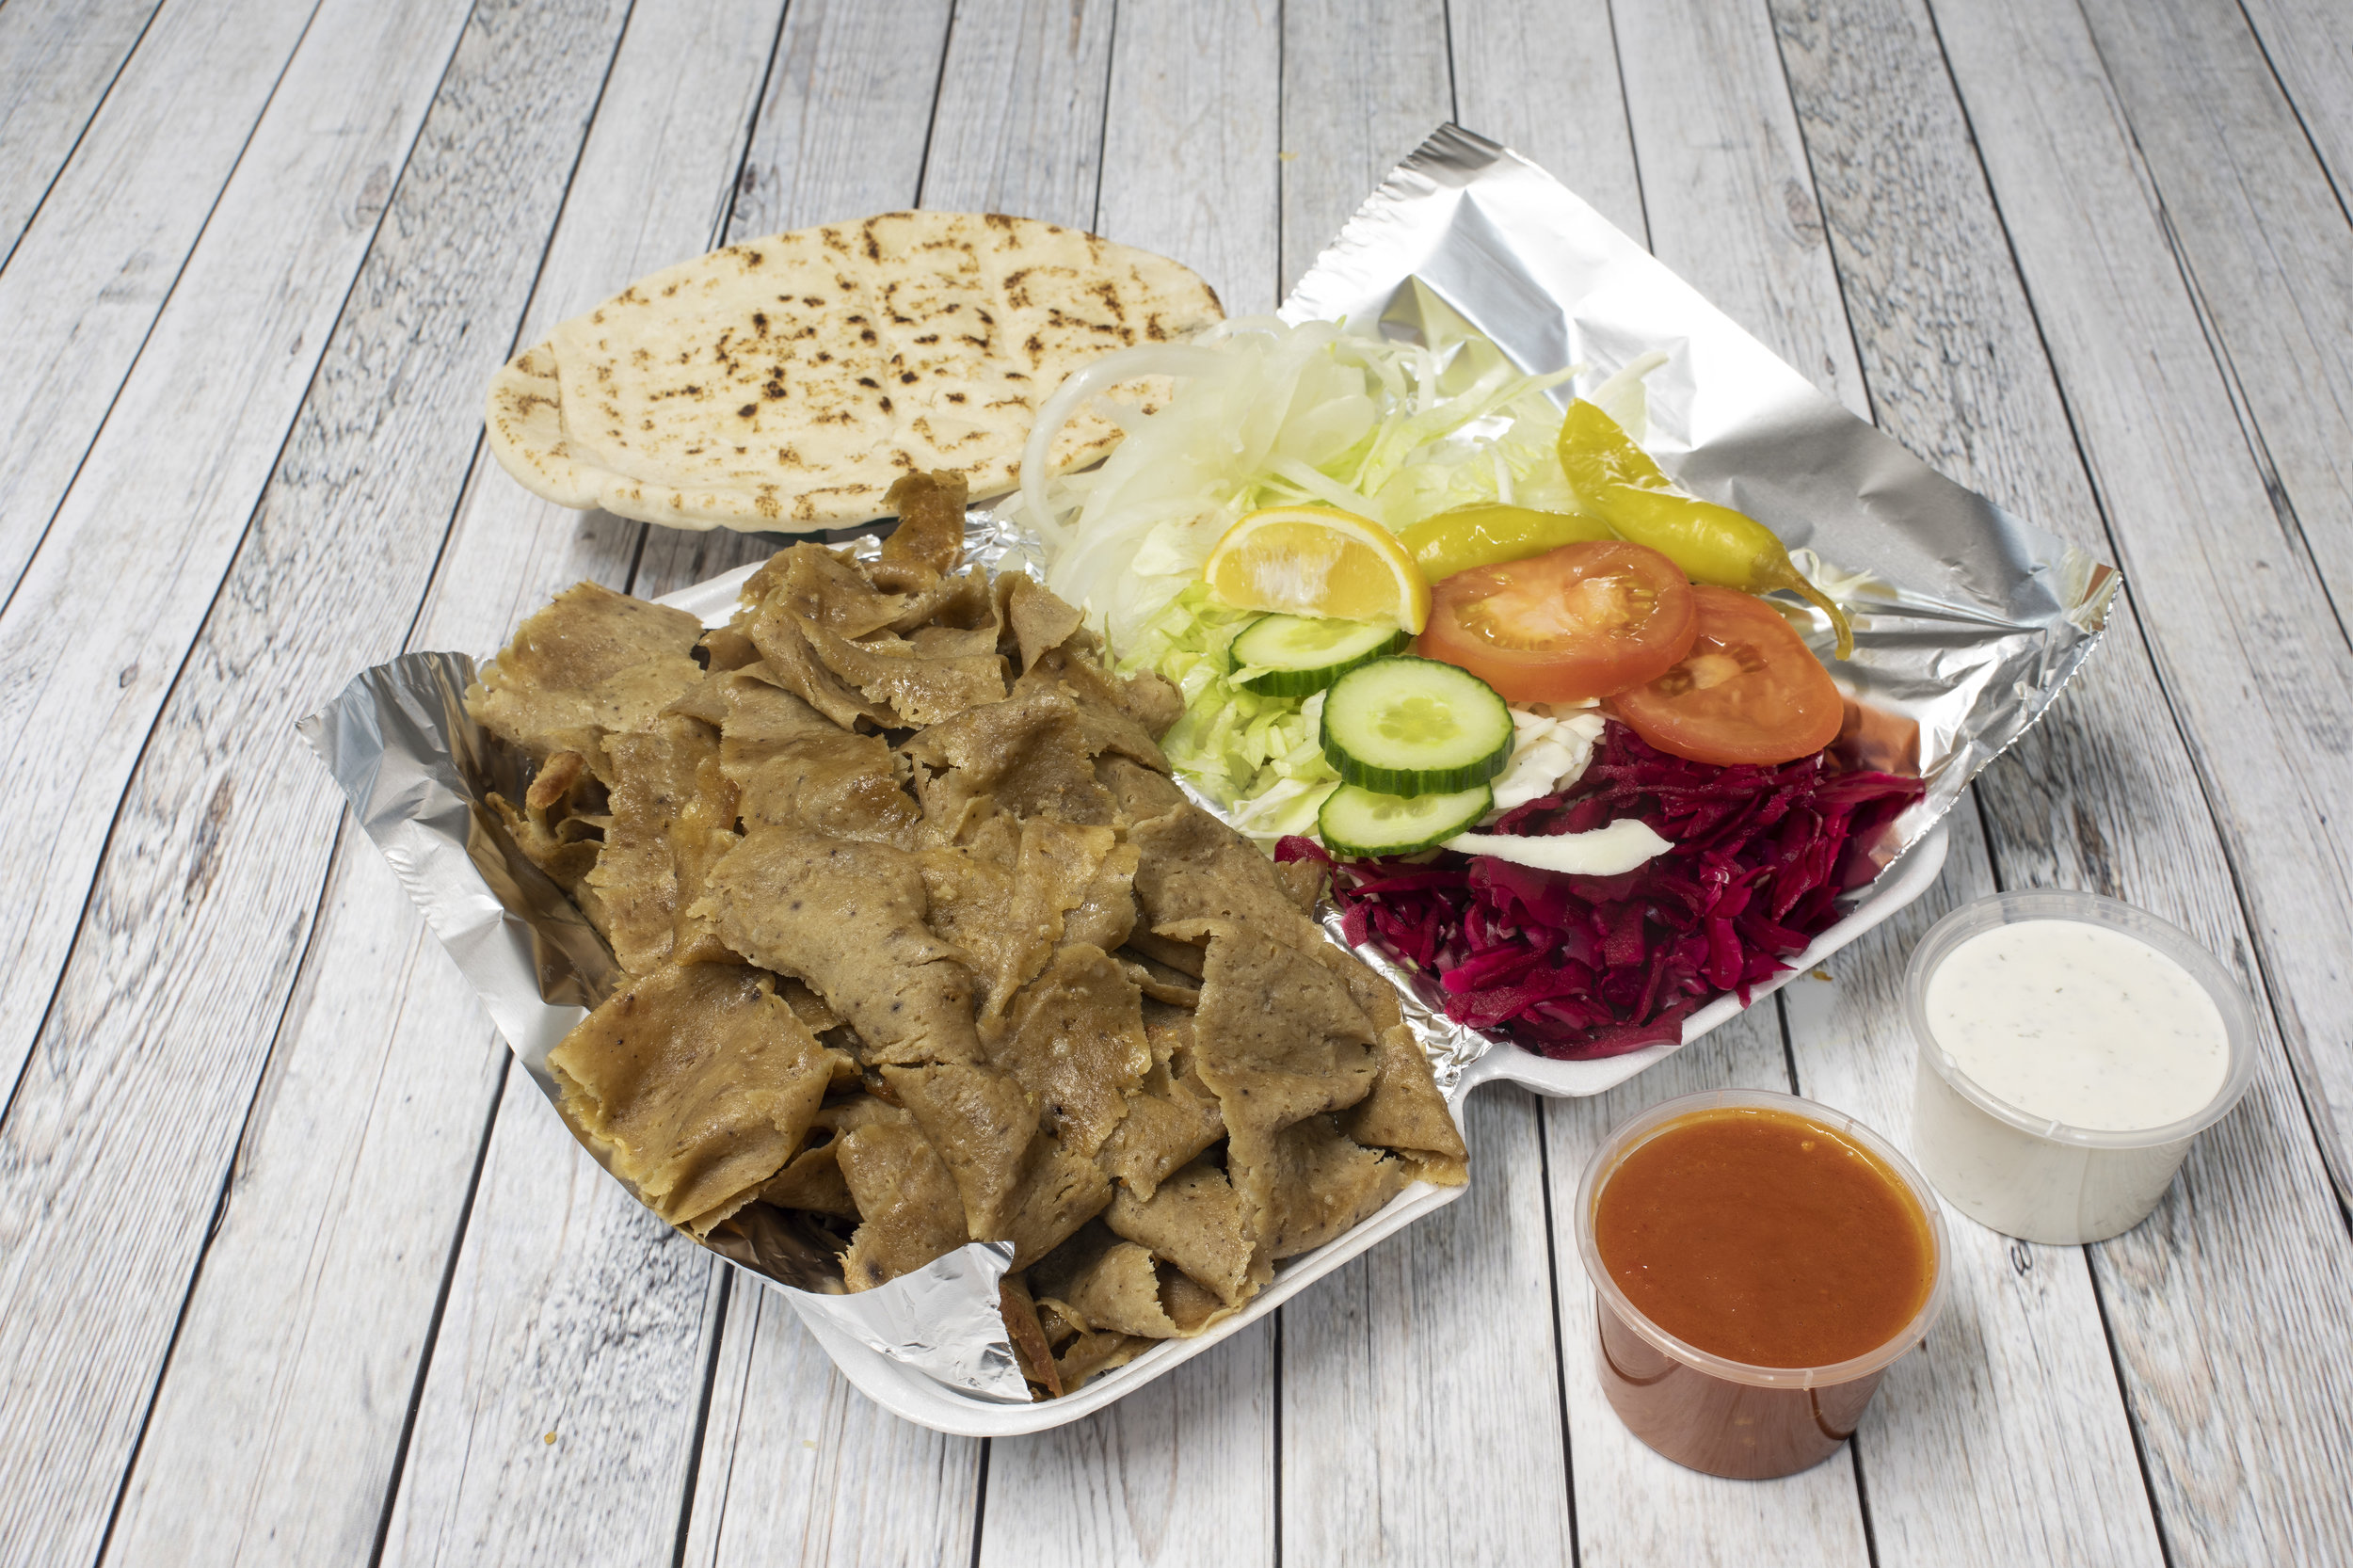 donner-kebab-takeaway.jpg